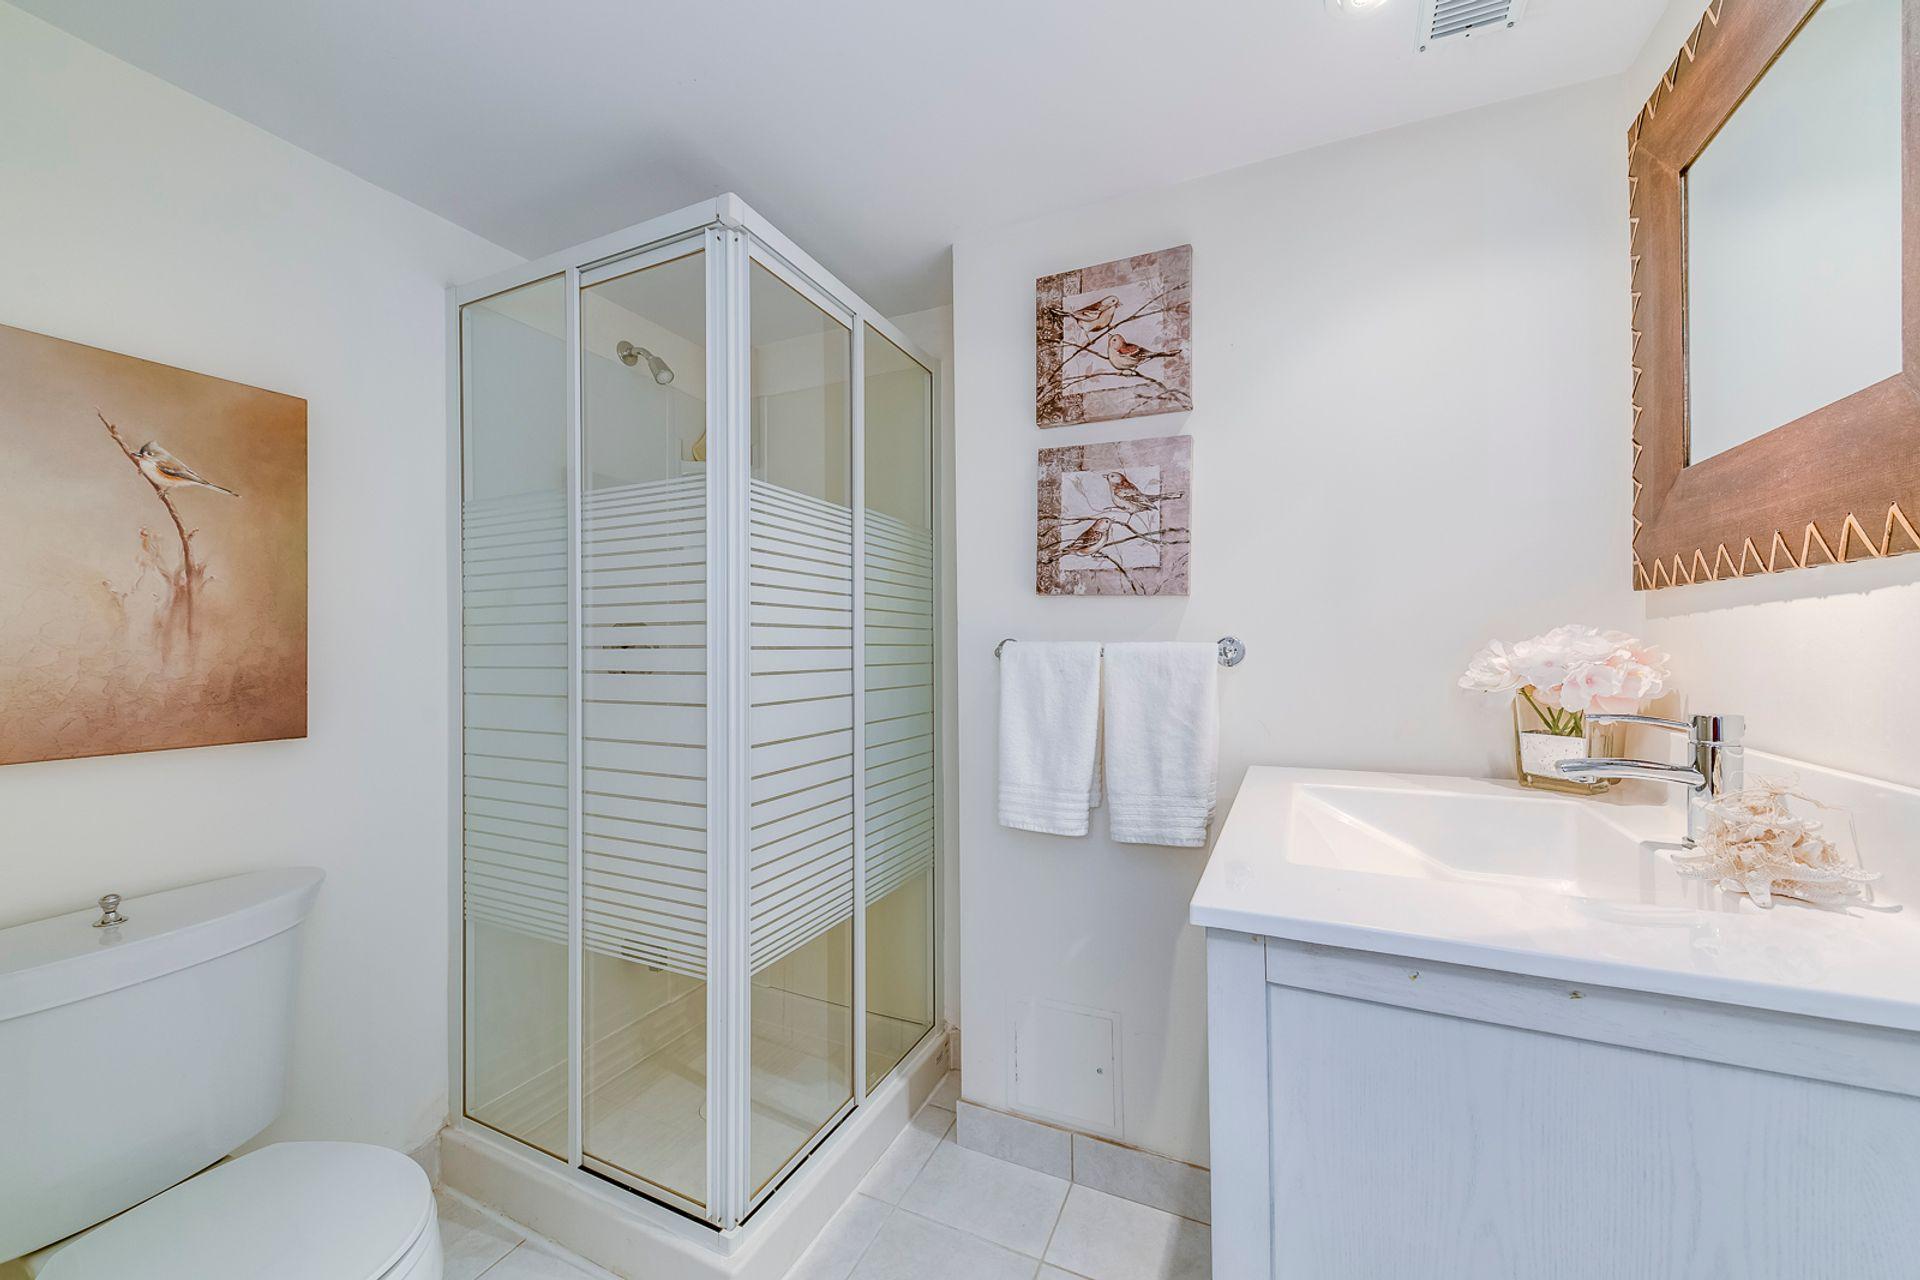 Basement Bathroom - 398 Maple Grove Dr, Oakville - Elite3 & Team at 398 Maple Grove Drive, Eastlake, Oakville